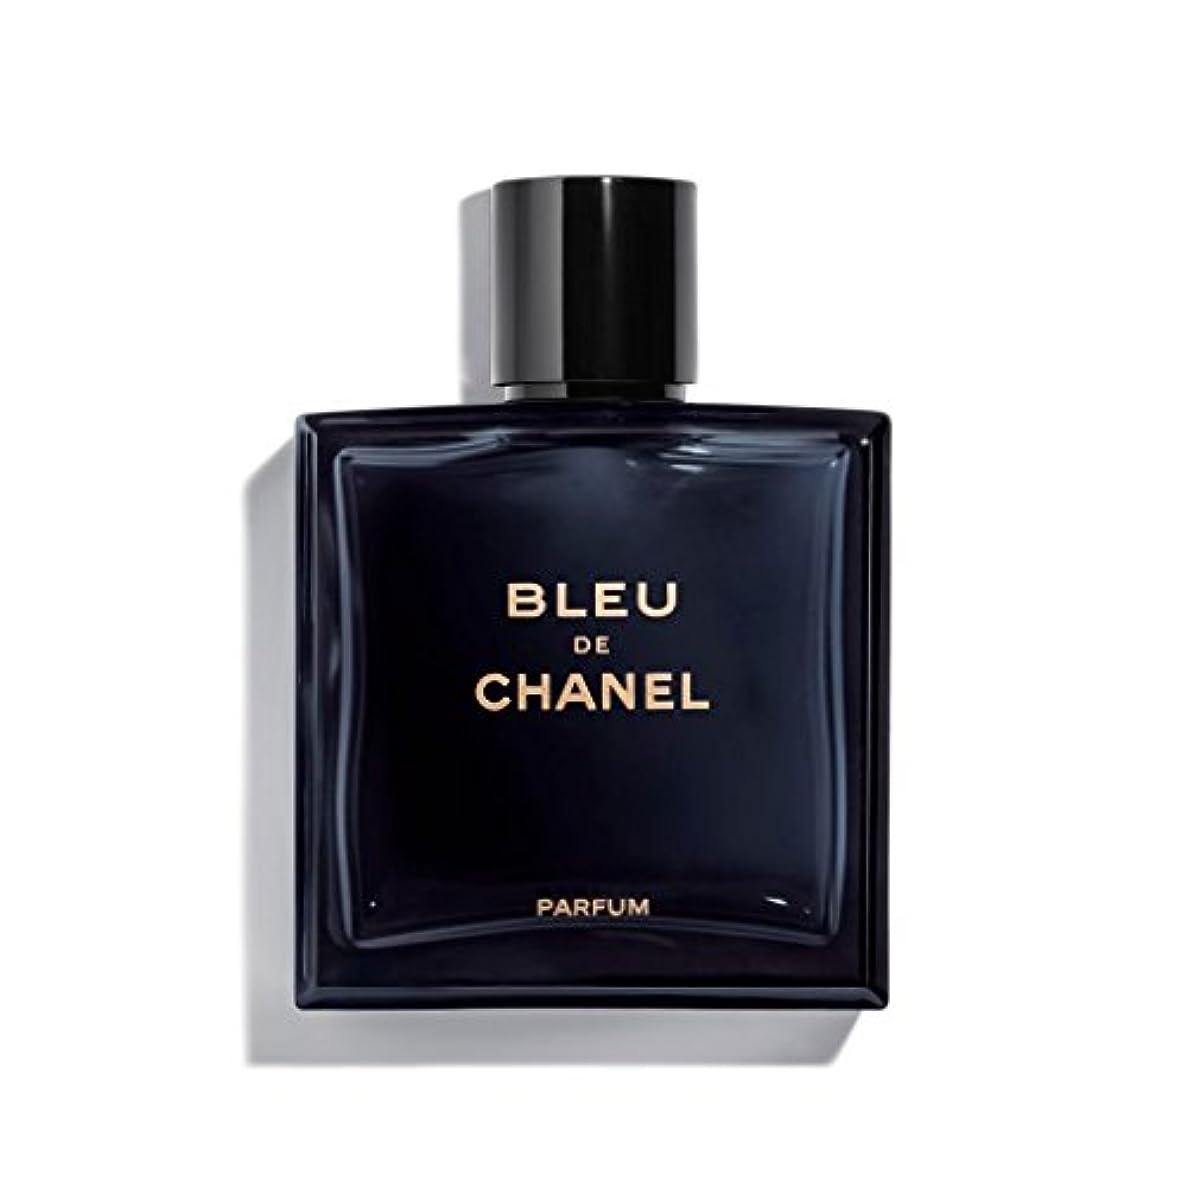 スクラブ孤独カーテンシャネル CHANEL ブルー ドゥ シャネル パルファム 〔Parfum〕 50ml Pfm SP fs